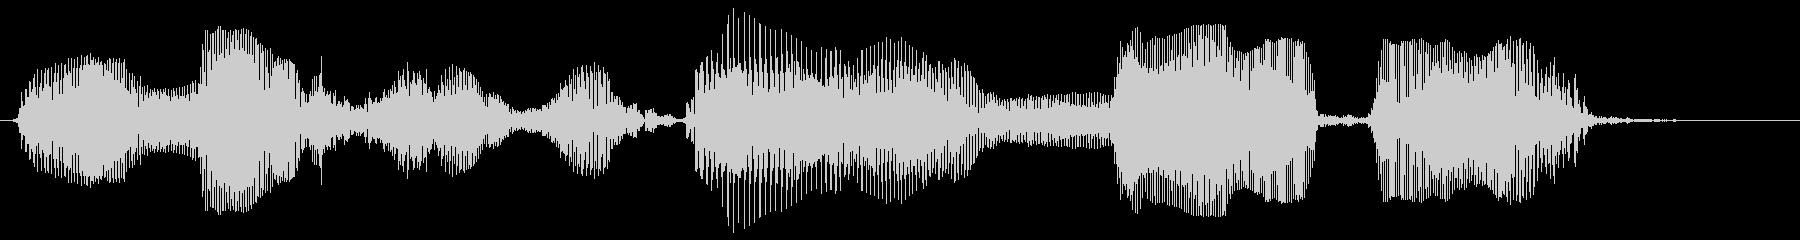 今すぐダウンロード (元気な声)の未再生の波形